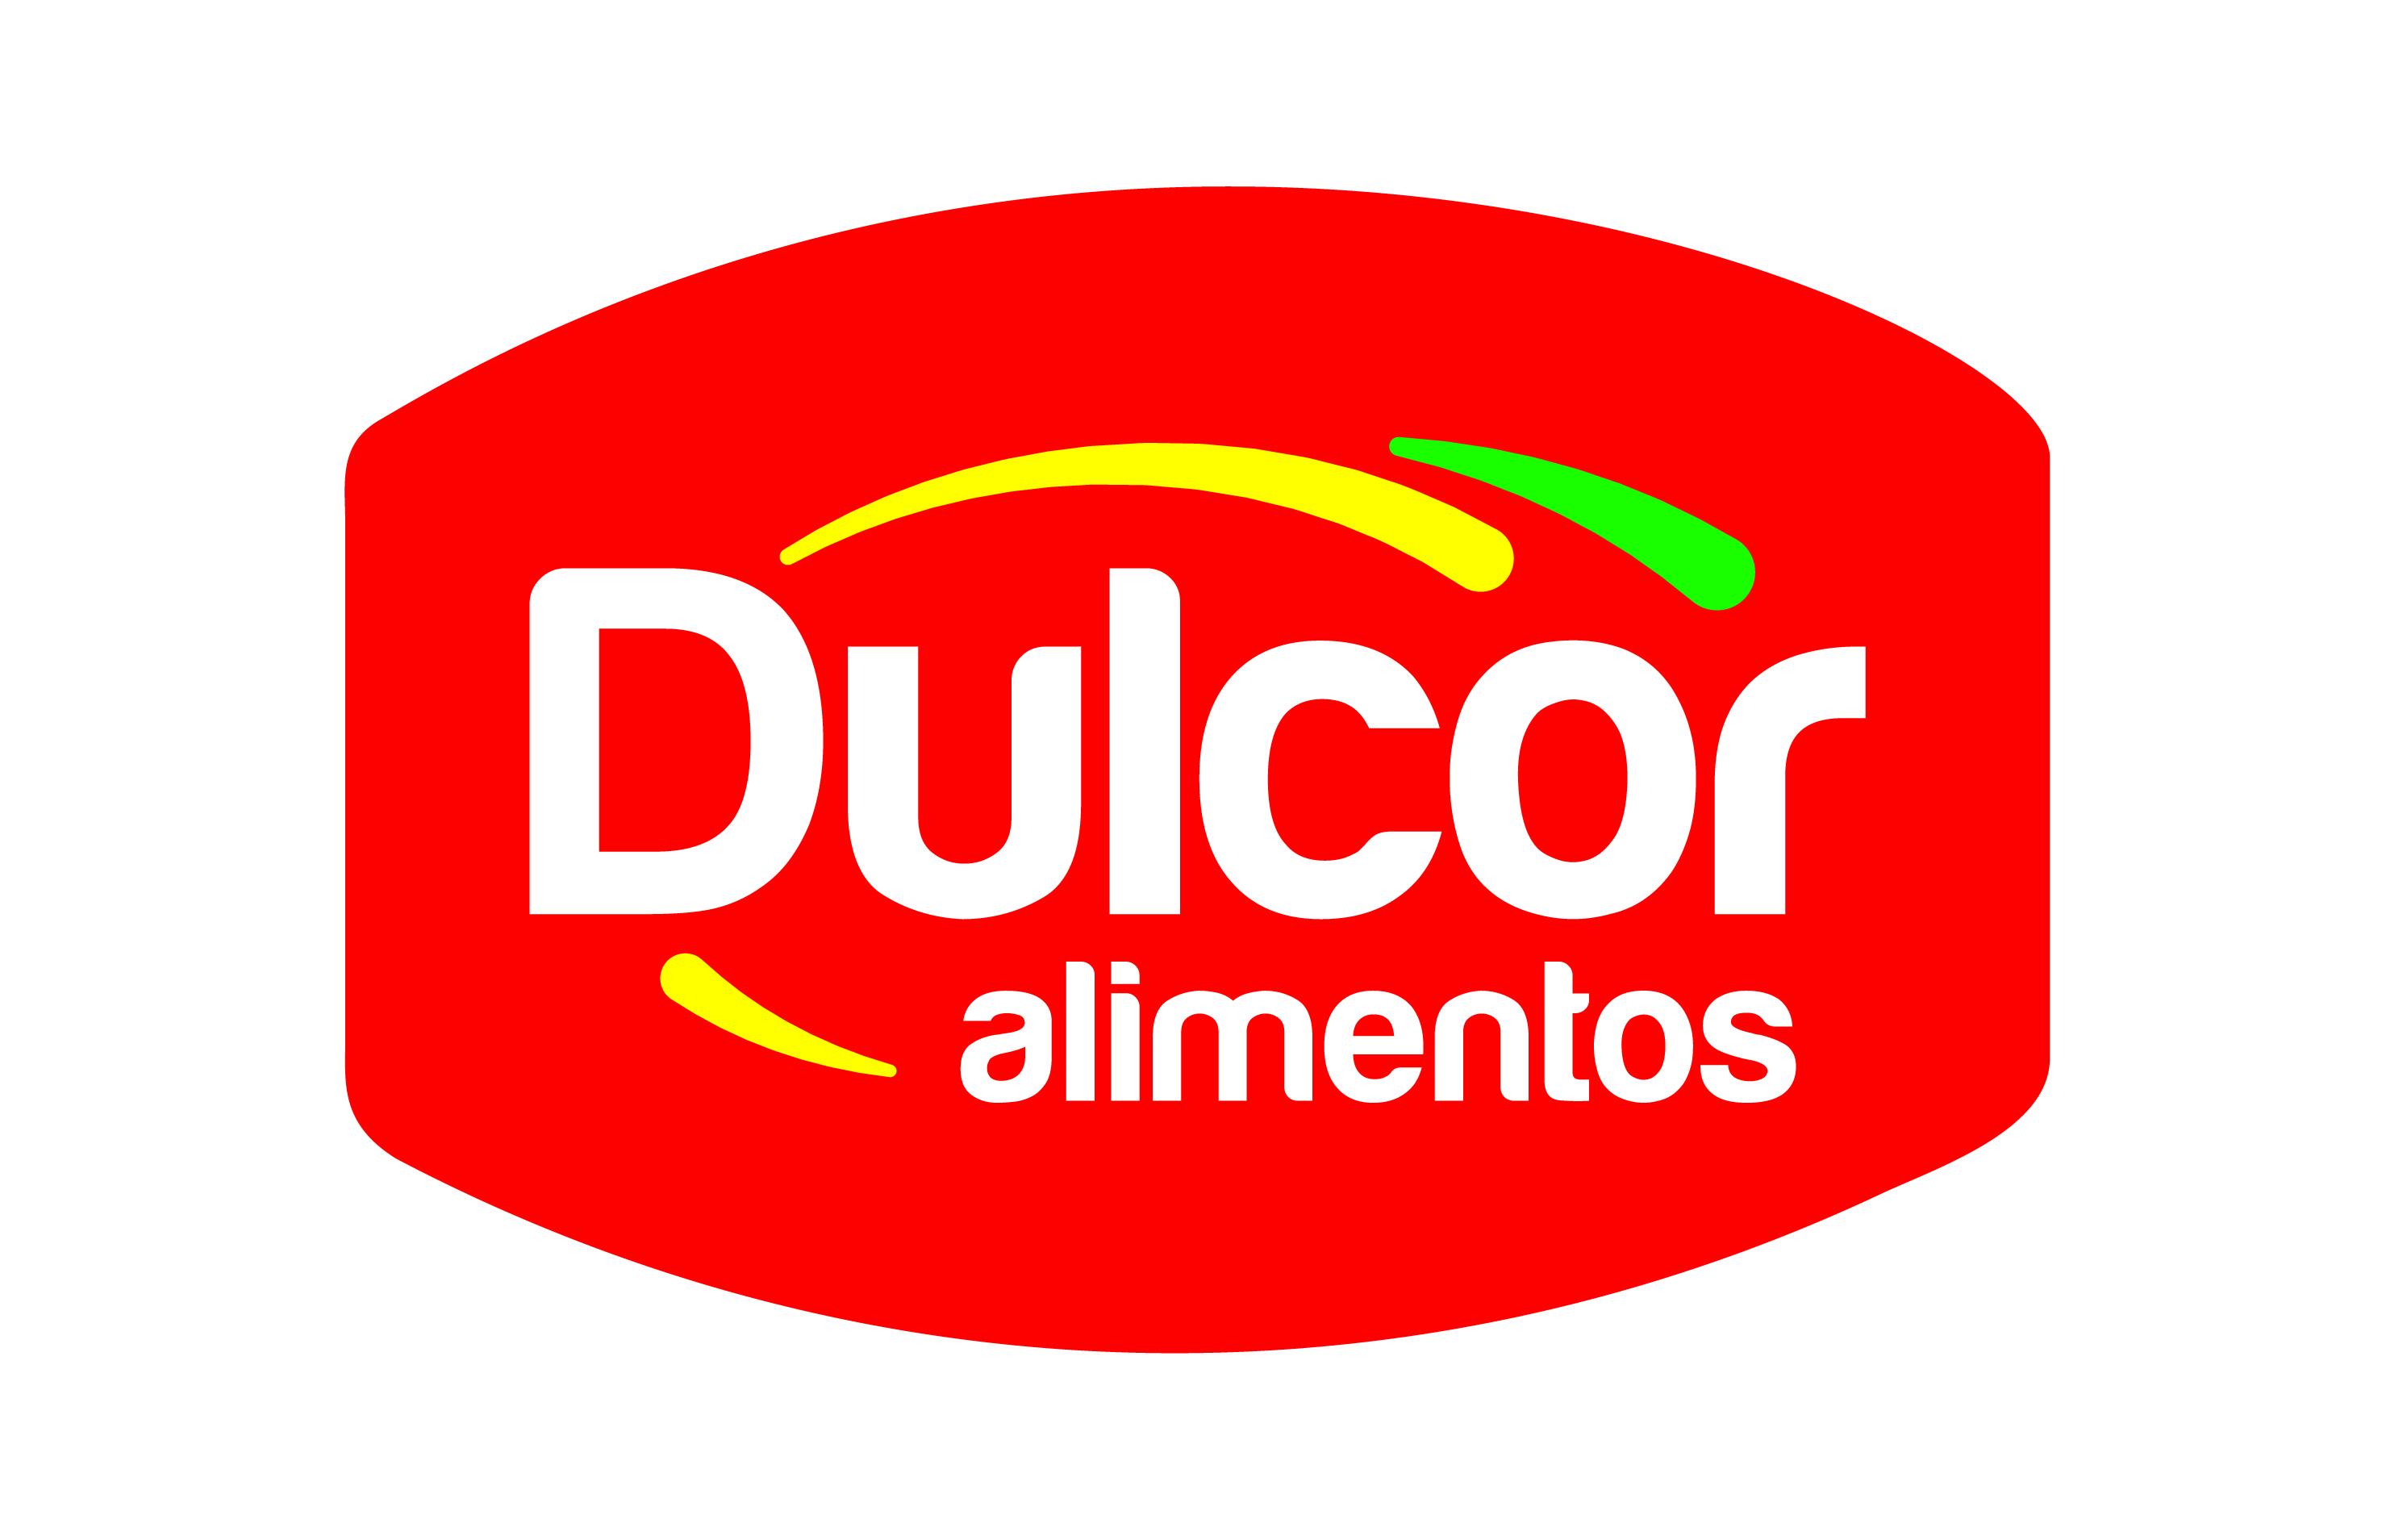 Dulcor